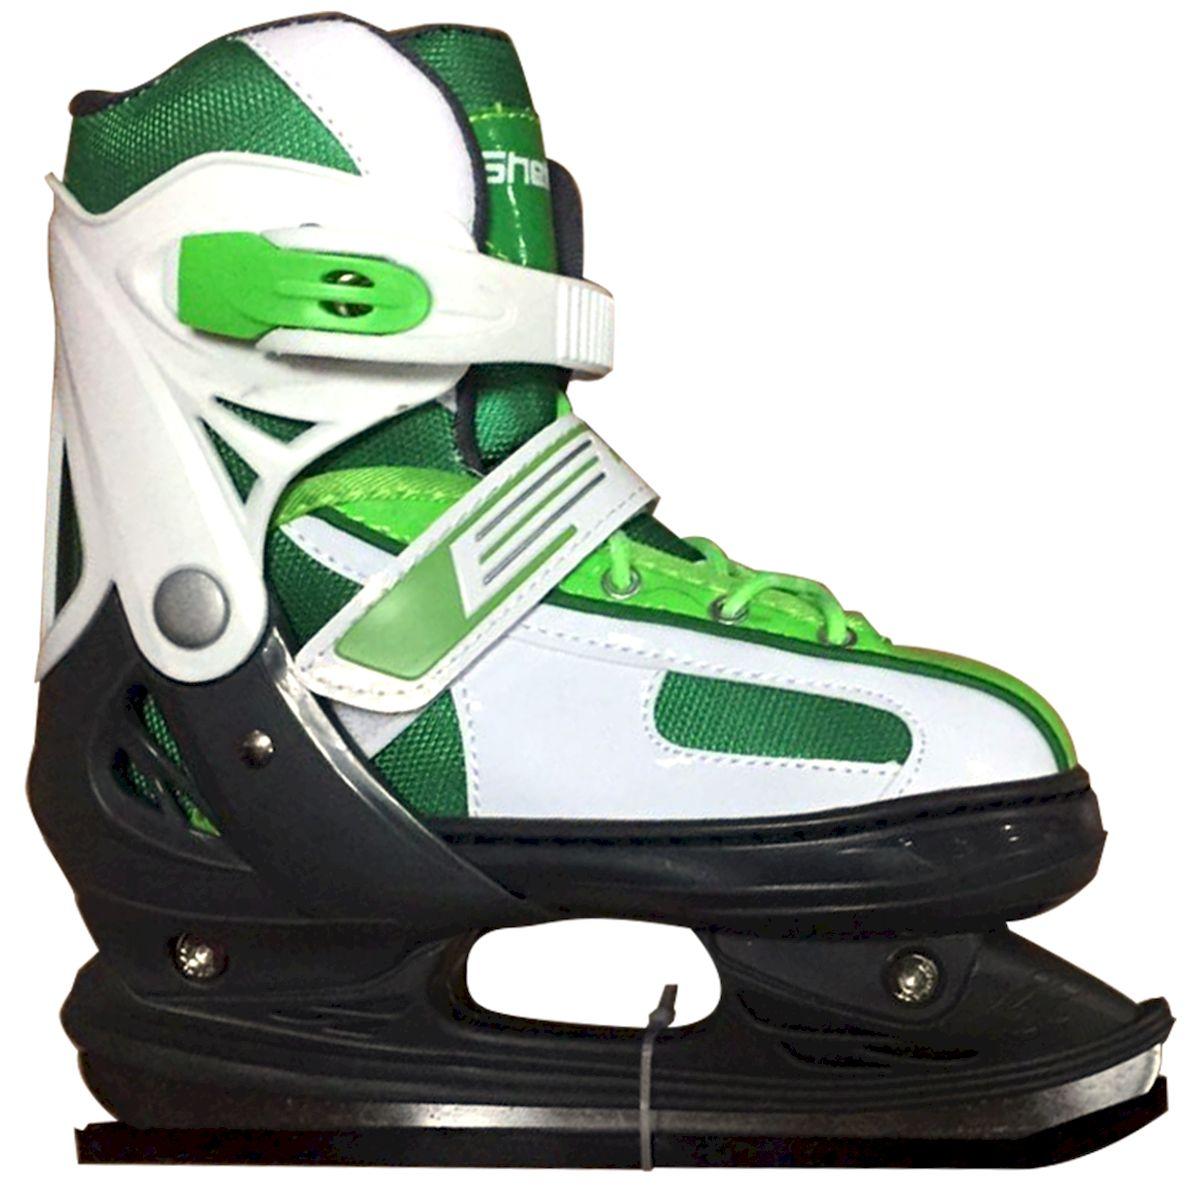 Коньки ледовые Ice Blade Shelby, раздвижные, цвет: черный, зеленый, белый. УТ-00009127. Размер L (38/41)SF 010Коньки раздвижные Shelby - это классические раздвижные коньки от известного бренда Ice Blade, которые предназначены для детей и подростков, а также для тех, кто делает первые шаги в катании на льду.Ботинок изготовлен из морозоустойчивого пластика. Внутренняя поверхность из мягкого и теплого текстиля обеспечивает комфорт во время движения. Лезвие выполнено из высокоуглеродистой стали с покрытием из никеля. Пластиковая клипса с фиксатором, хлястик на липучке и шнуровка надежно фиксируют голеностоп. Конструкция коньков позволяет быстро и точно изменять их размер. Яркий молодежный дизайн, теплый внутренний сапожок, удобная трехуровневая система фиксации ноги, легкая смена размера, надежная защита пятки и носка - все это бесспорные преимущества модели. Коньки поставляются с заводской заточкой лезвия, что позволяет сразу приступить к катанию и не тратить денег на заточку. Предназначены для использования на открытом и закрытом льду.